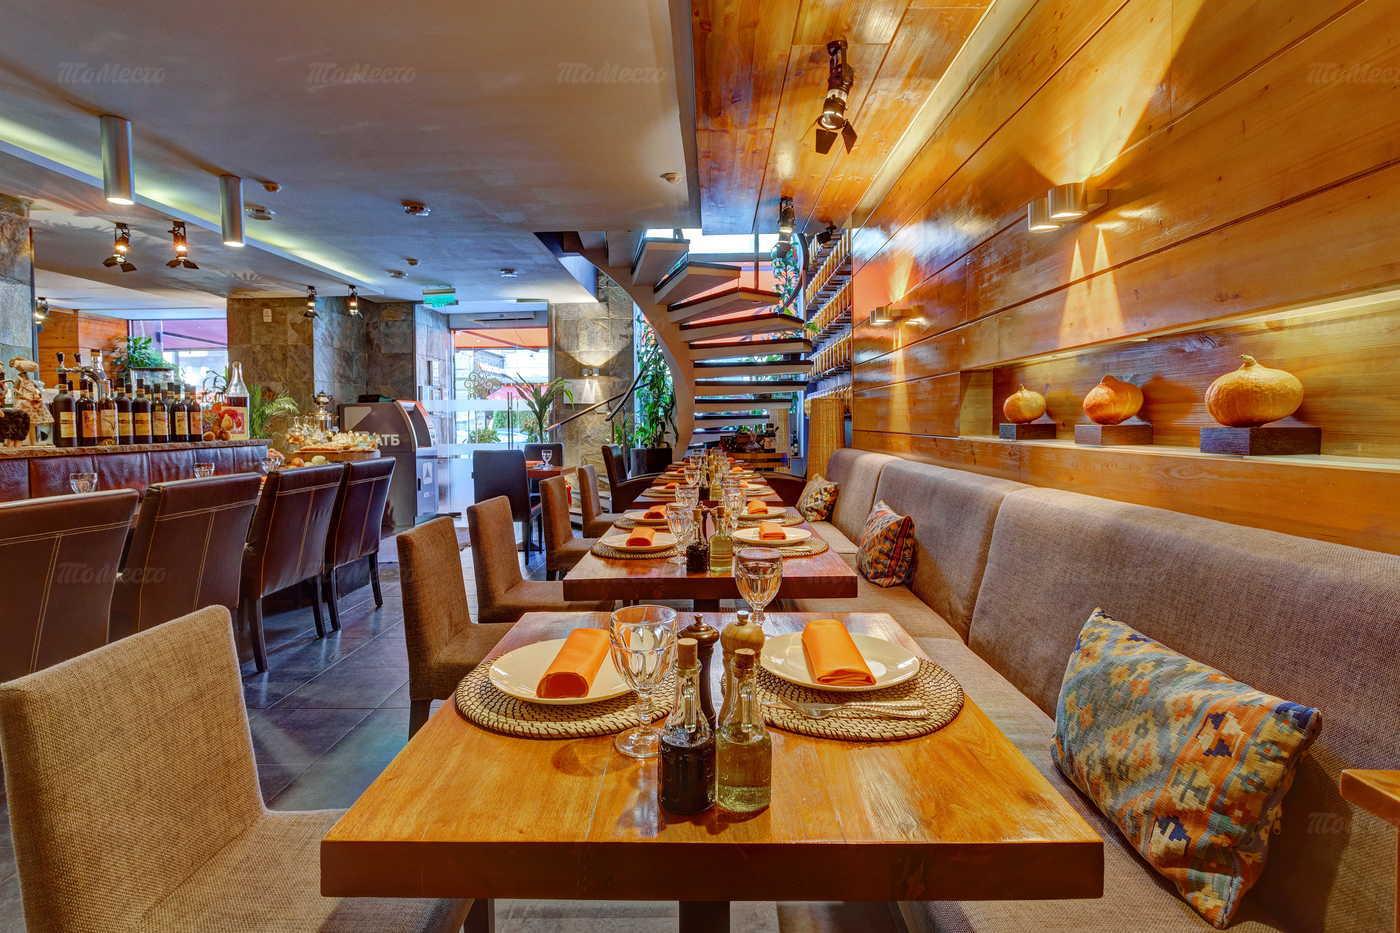 Ресторан Барашка (Бараshка) на Петровке фото 4